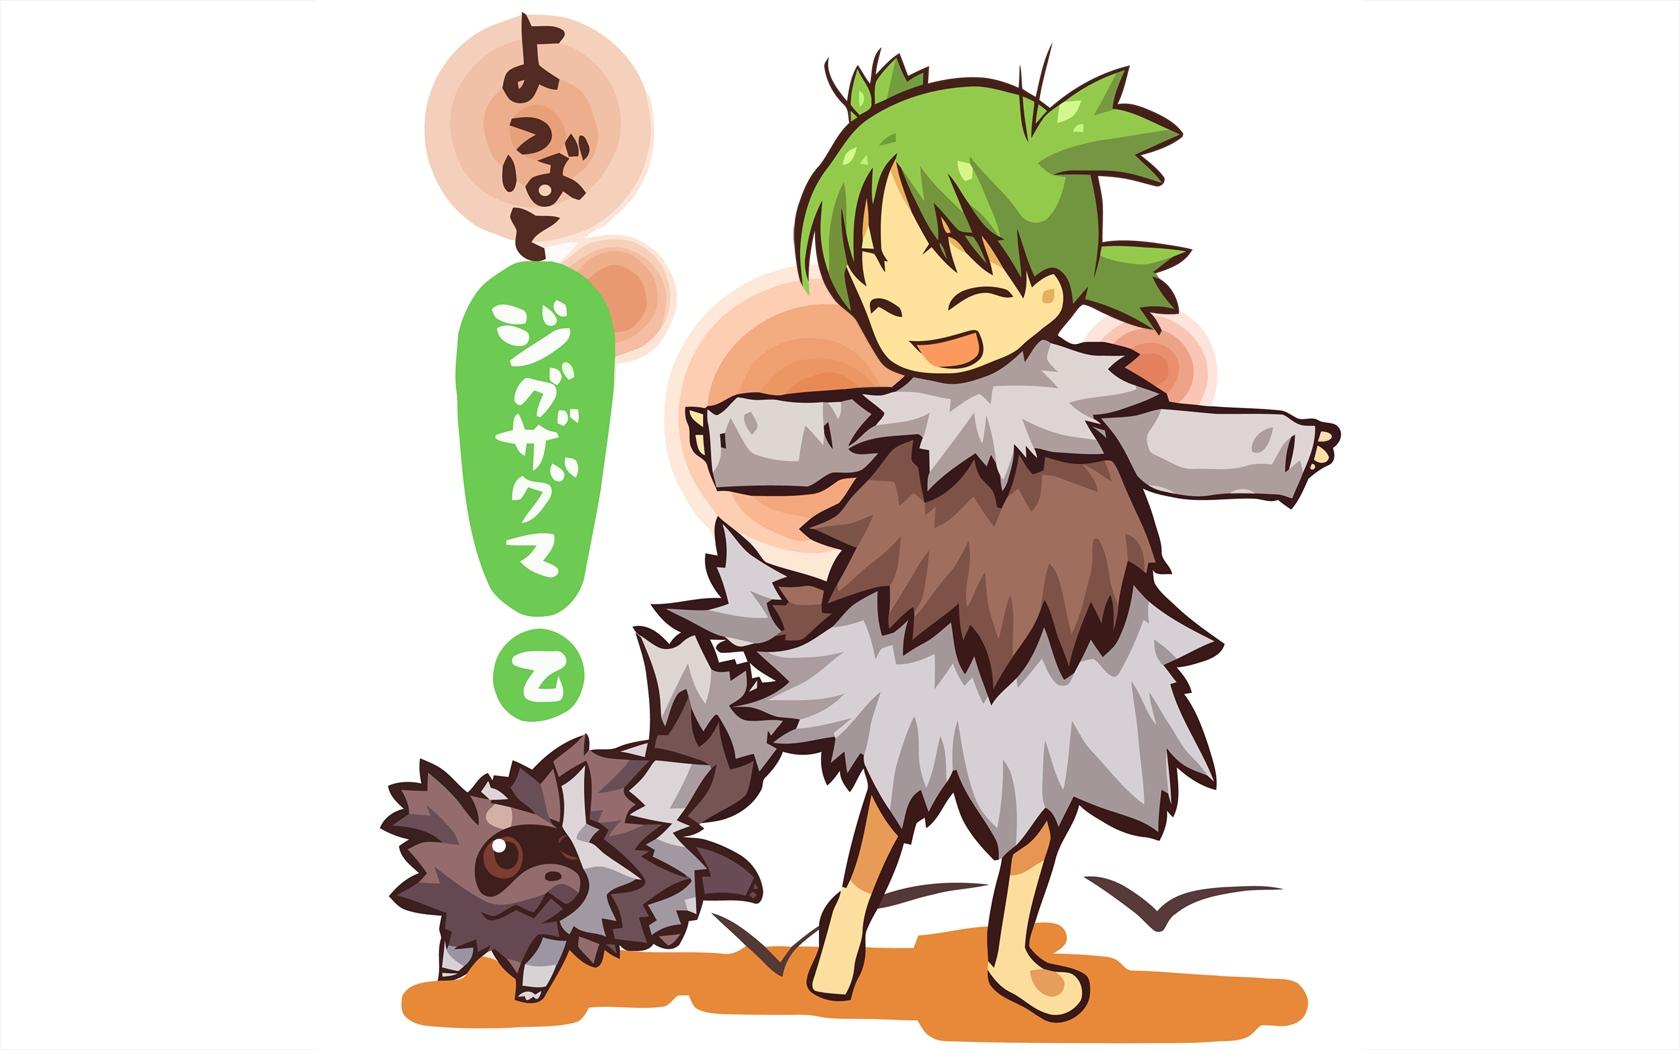 crossover koiwai_yotsuba pokemon yotsubato! zigzagoon